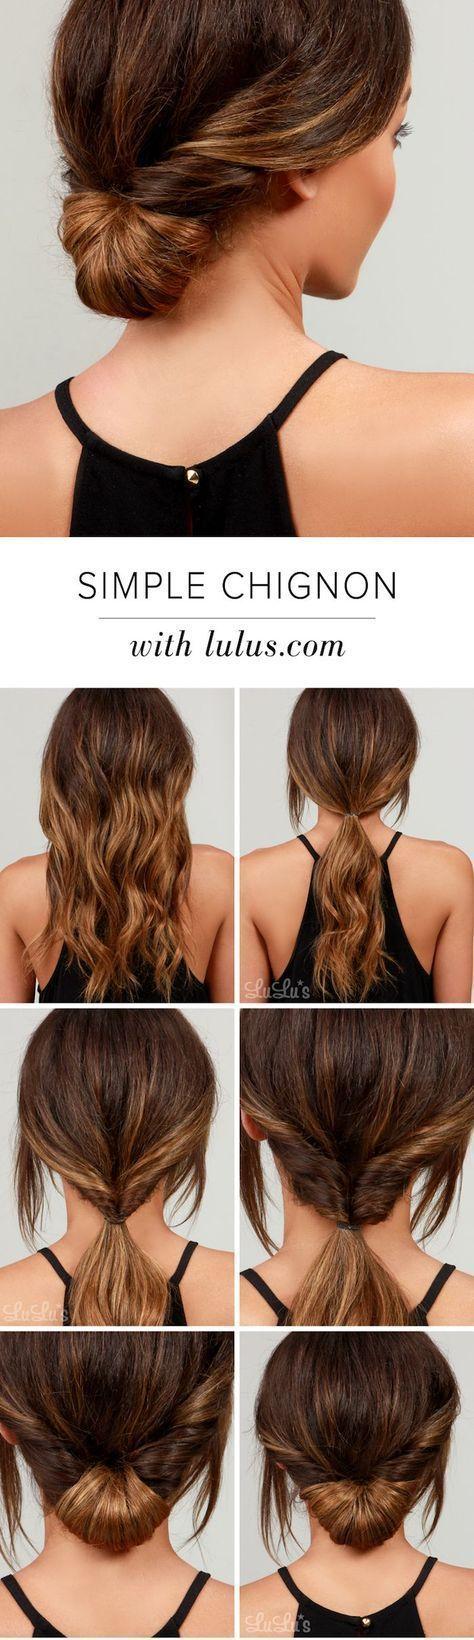 ▷ 1001+ inspirierende Ideen für einfache Frisuren für den Alltag - Frisur Prom - #Alltag #den #einfache #Frisuren # für